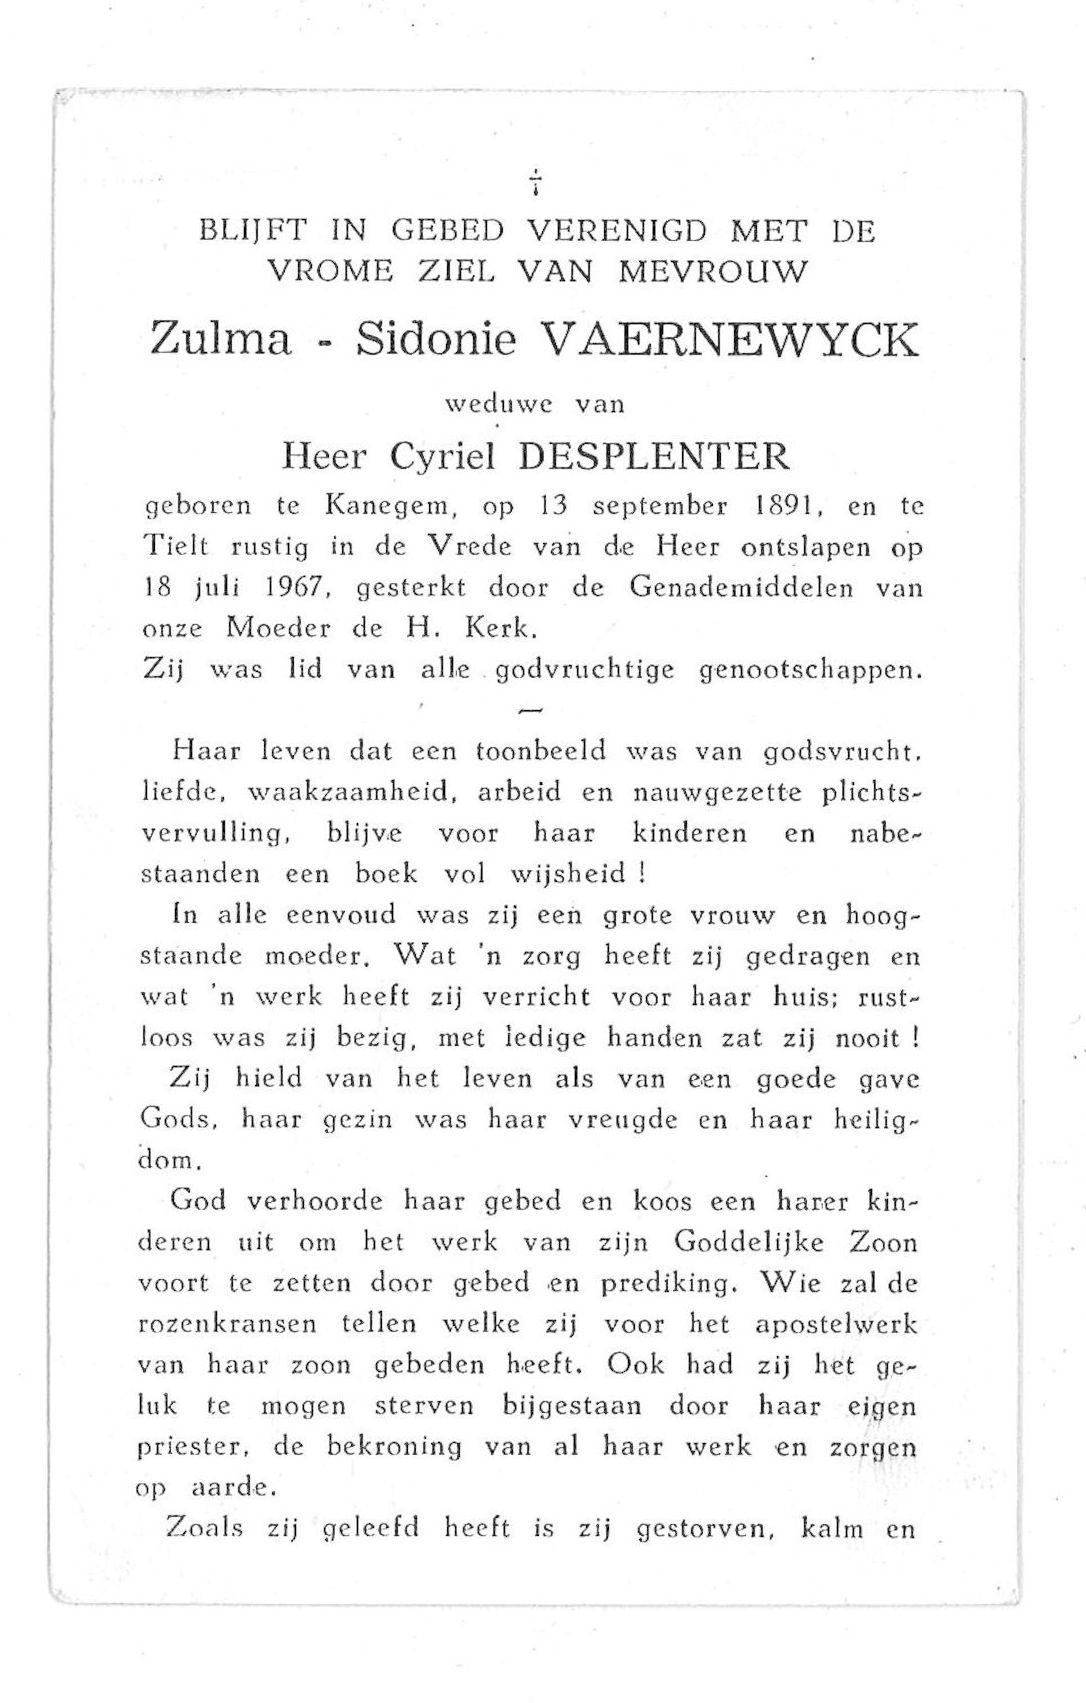 Zulma-Sidonie Vaernewyck